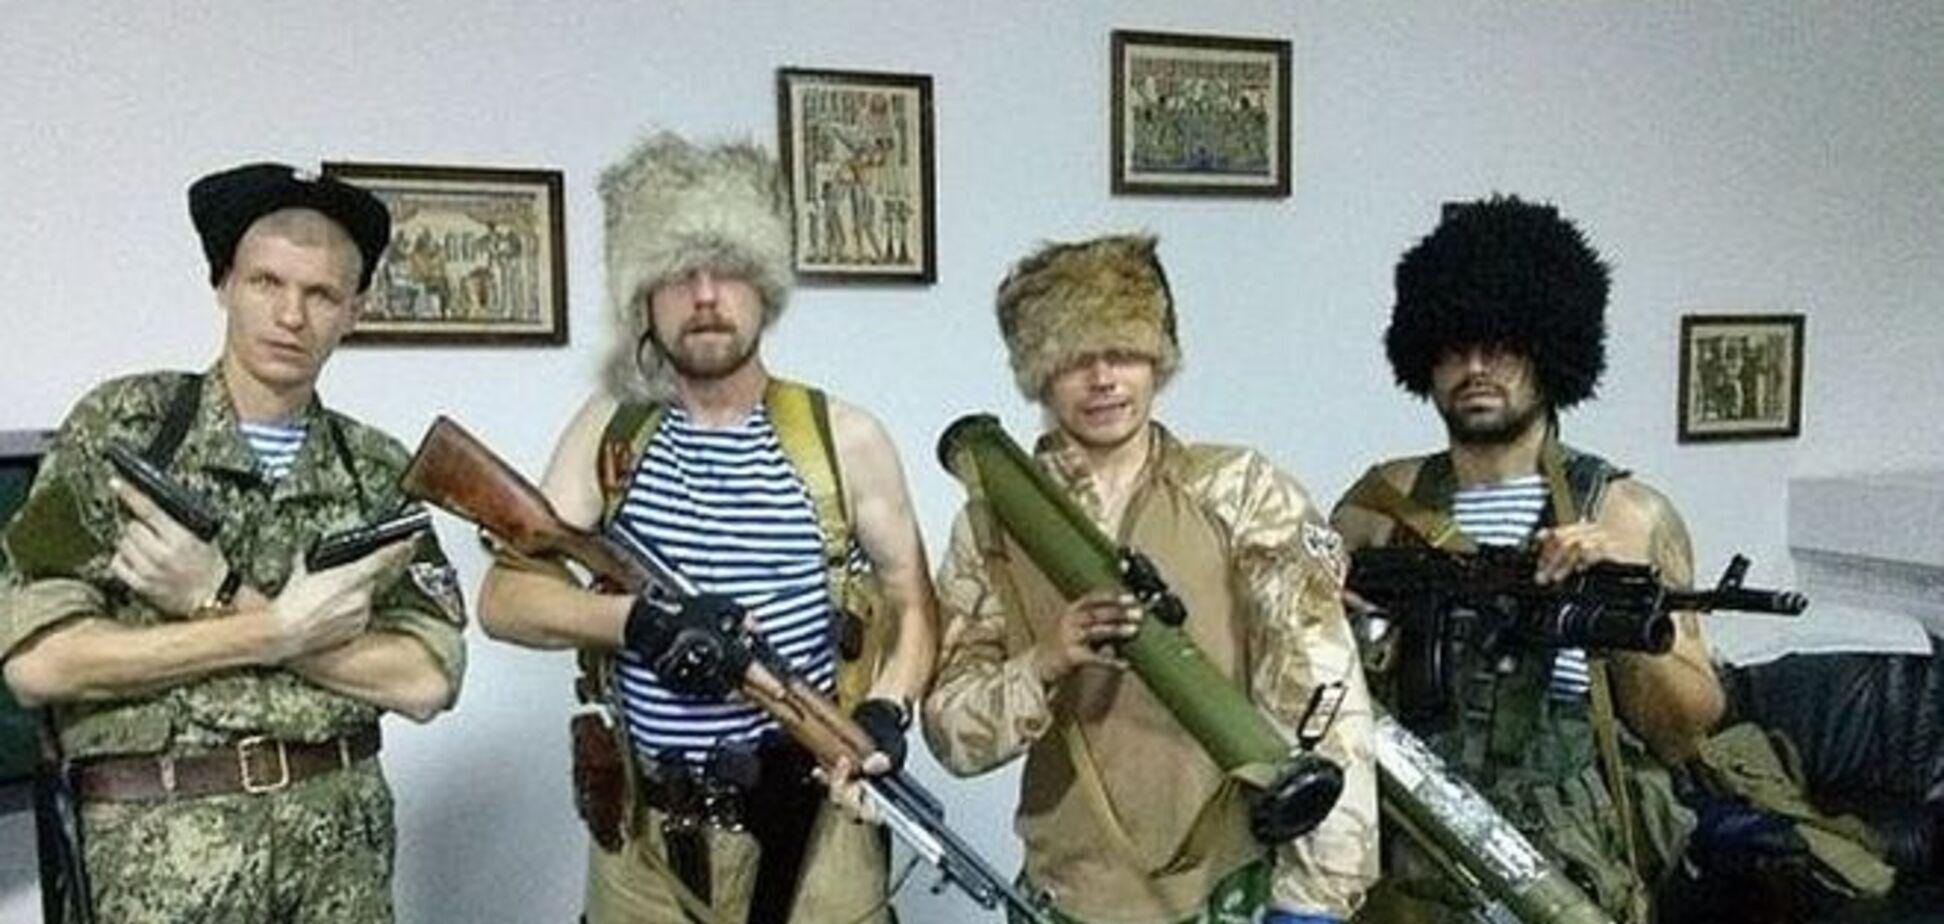 Терористи 'ДНР' розігнали трьохтисячне угруповання 'донських козаків' - правозахисниця